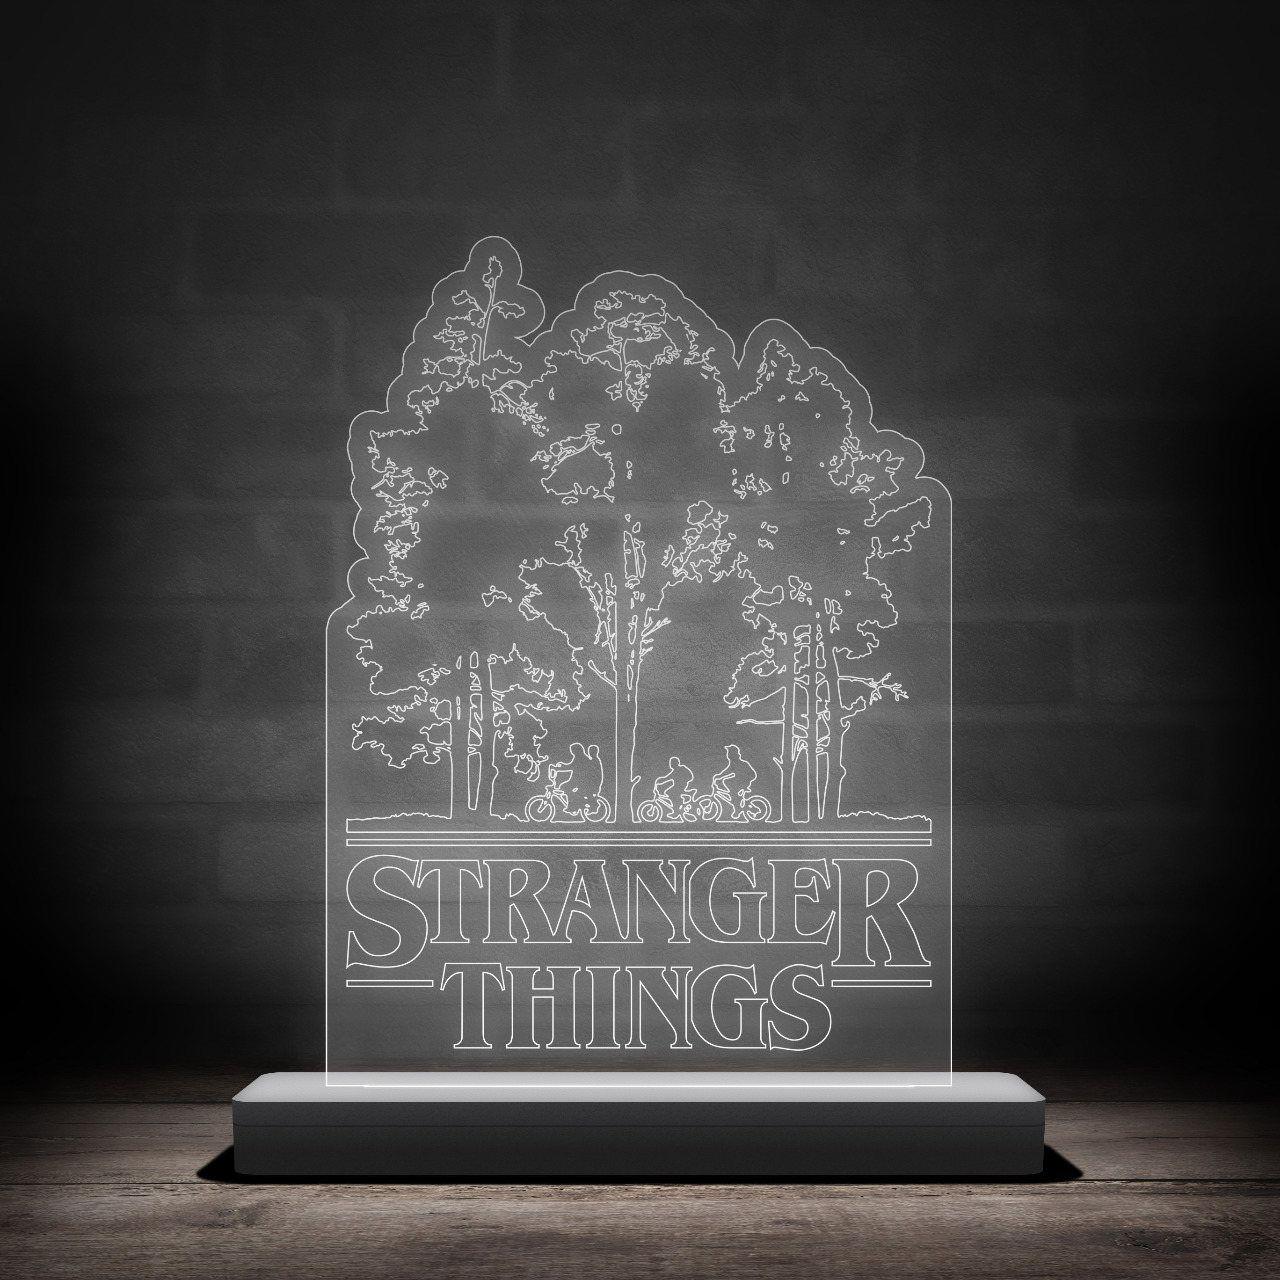 Luminária/Abajur Stranger Things: Árvore - EV